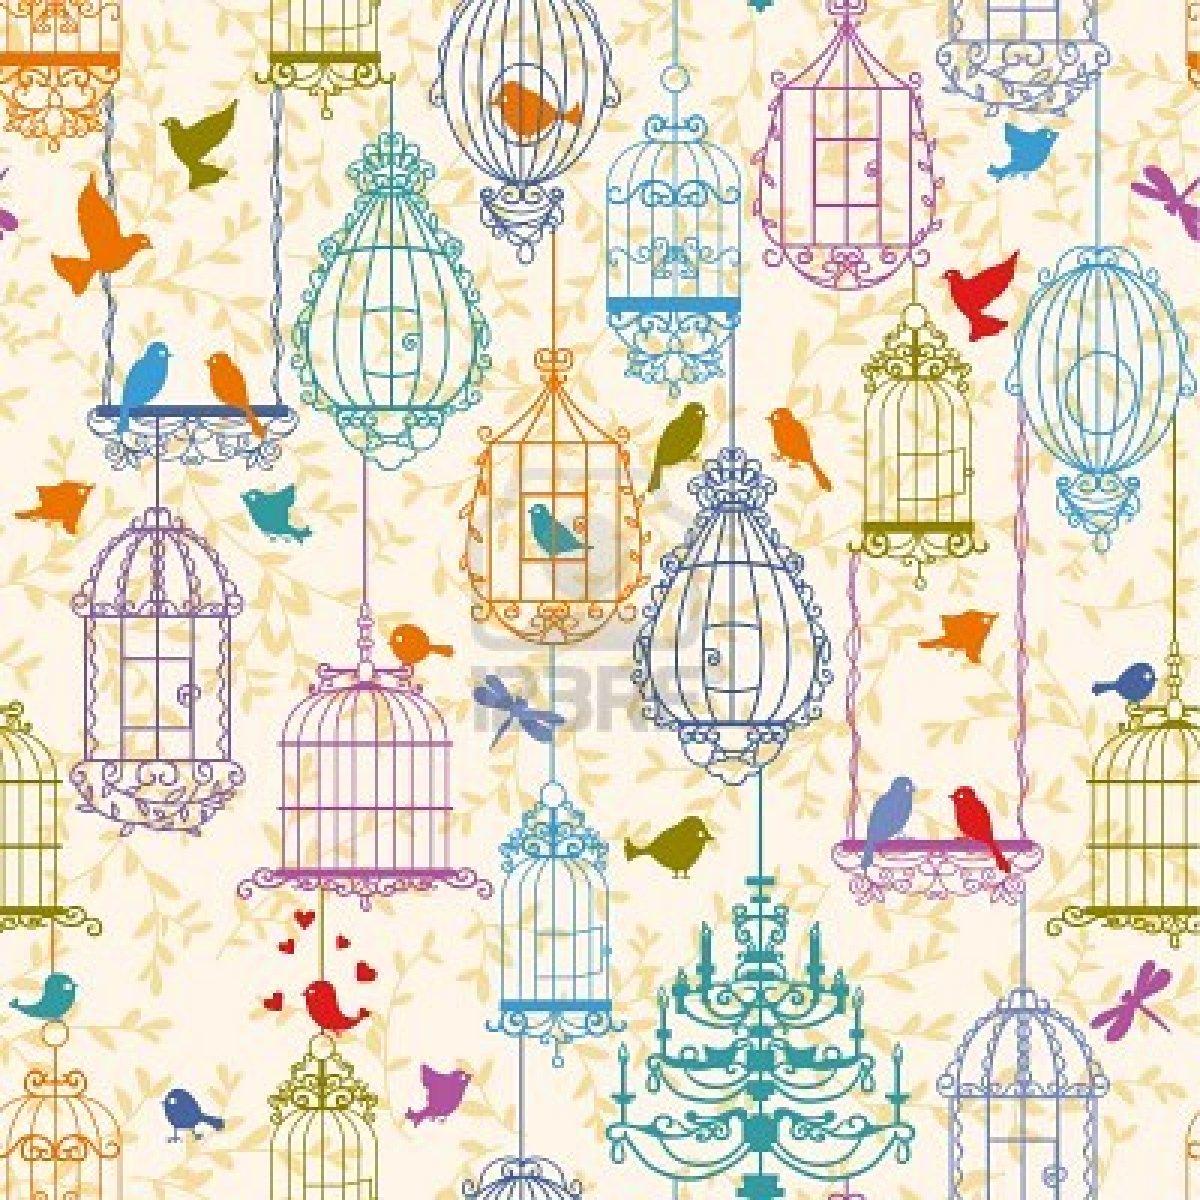 Bird vintage wallpaper | Etsy